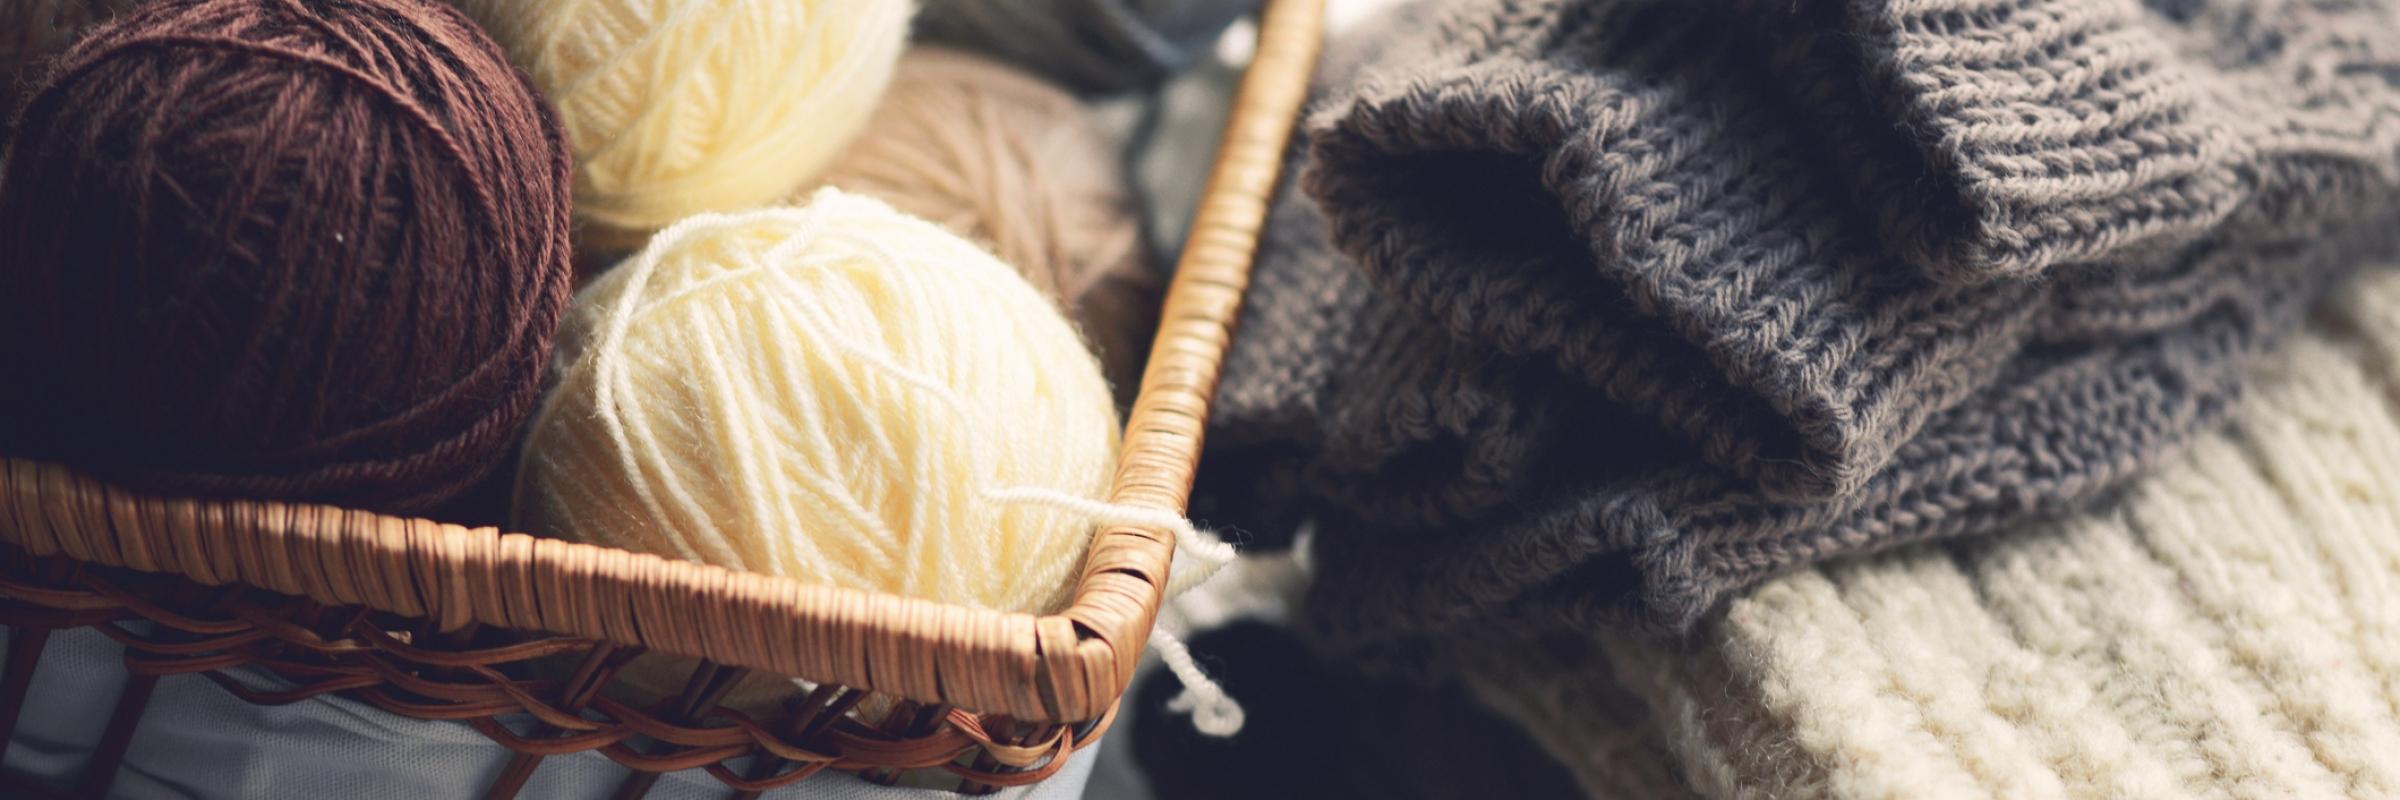 TZUK knitwear